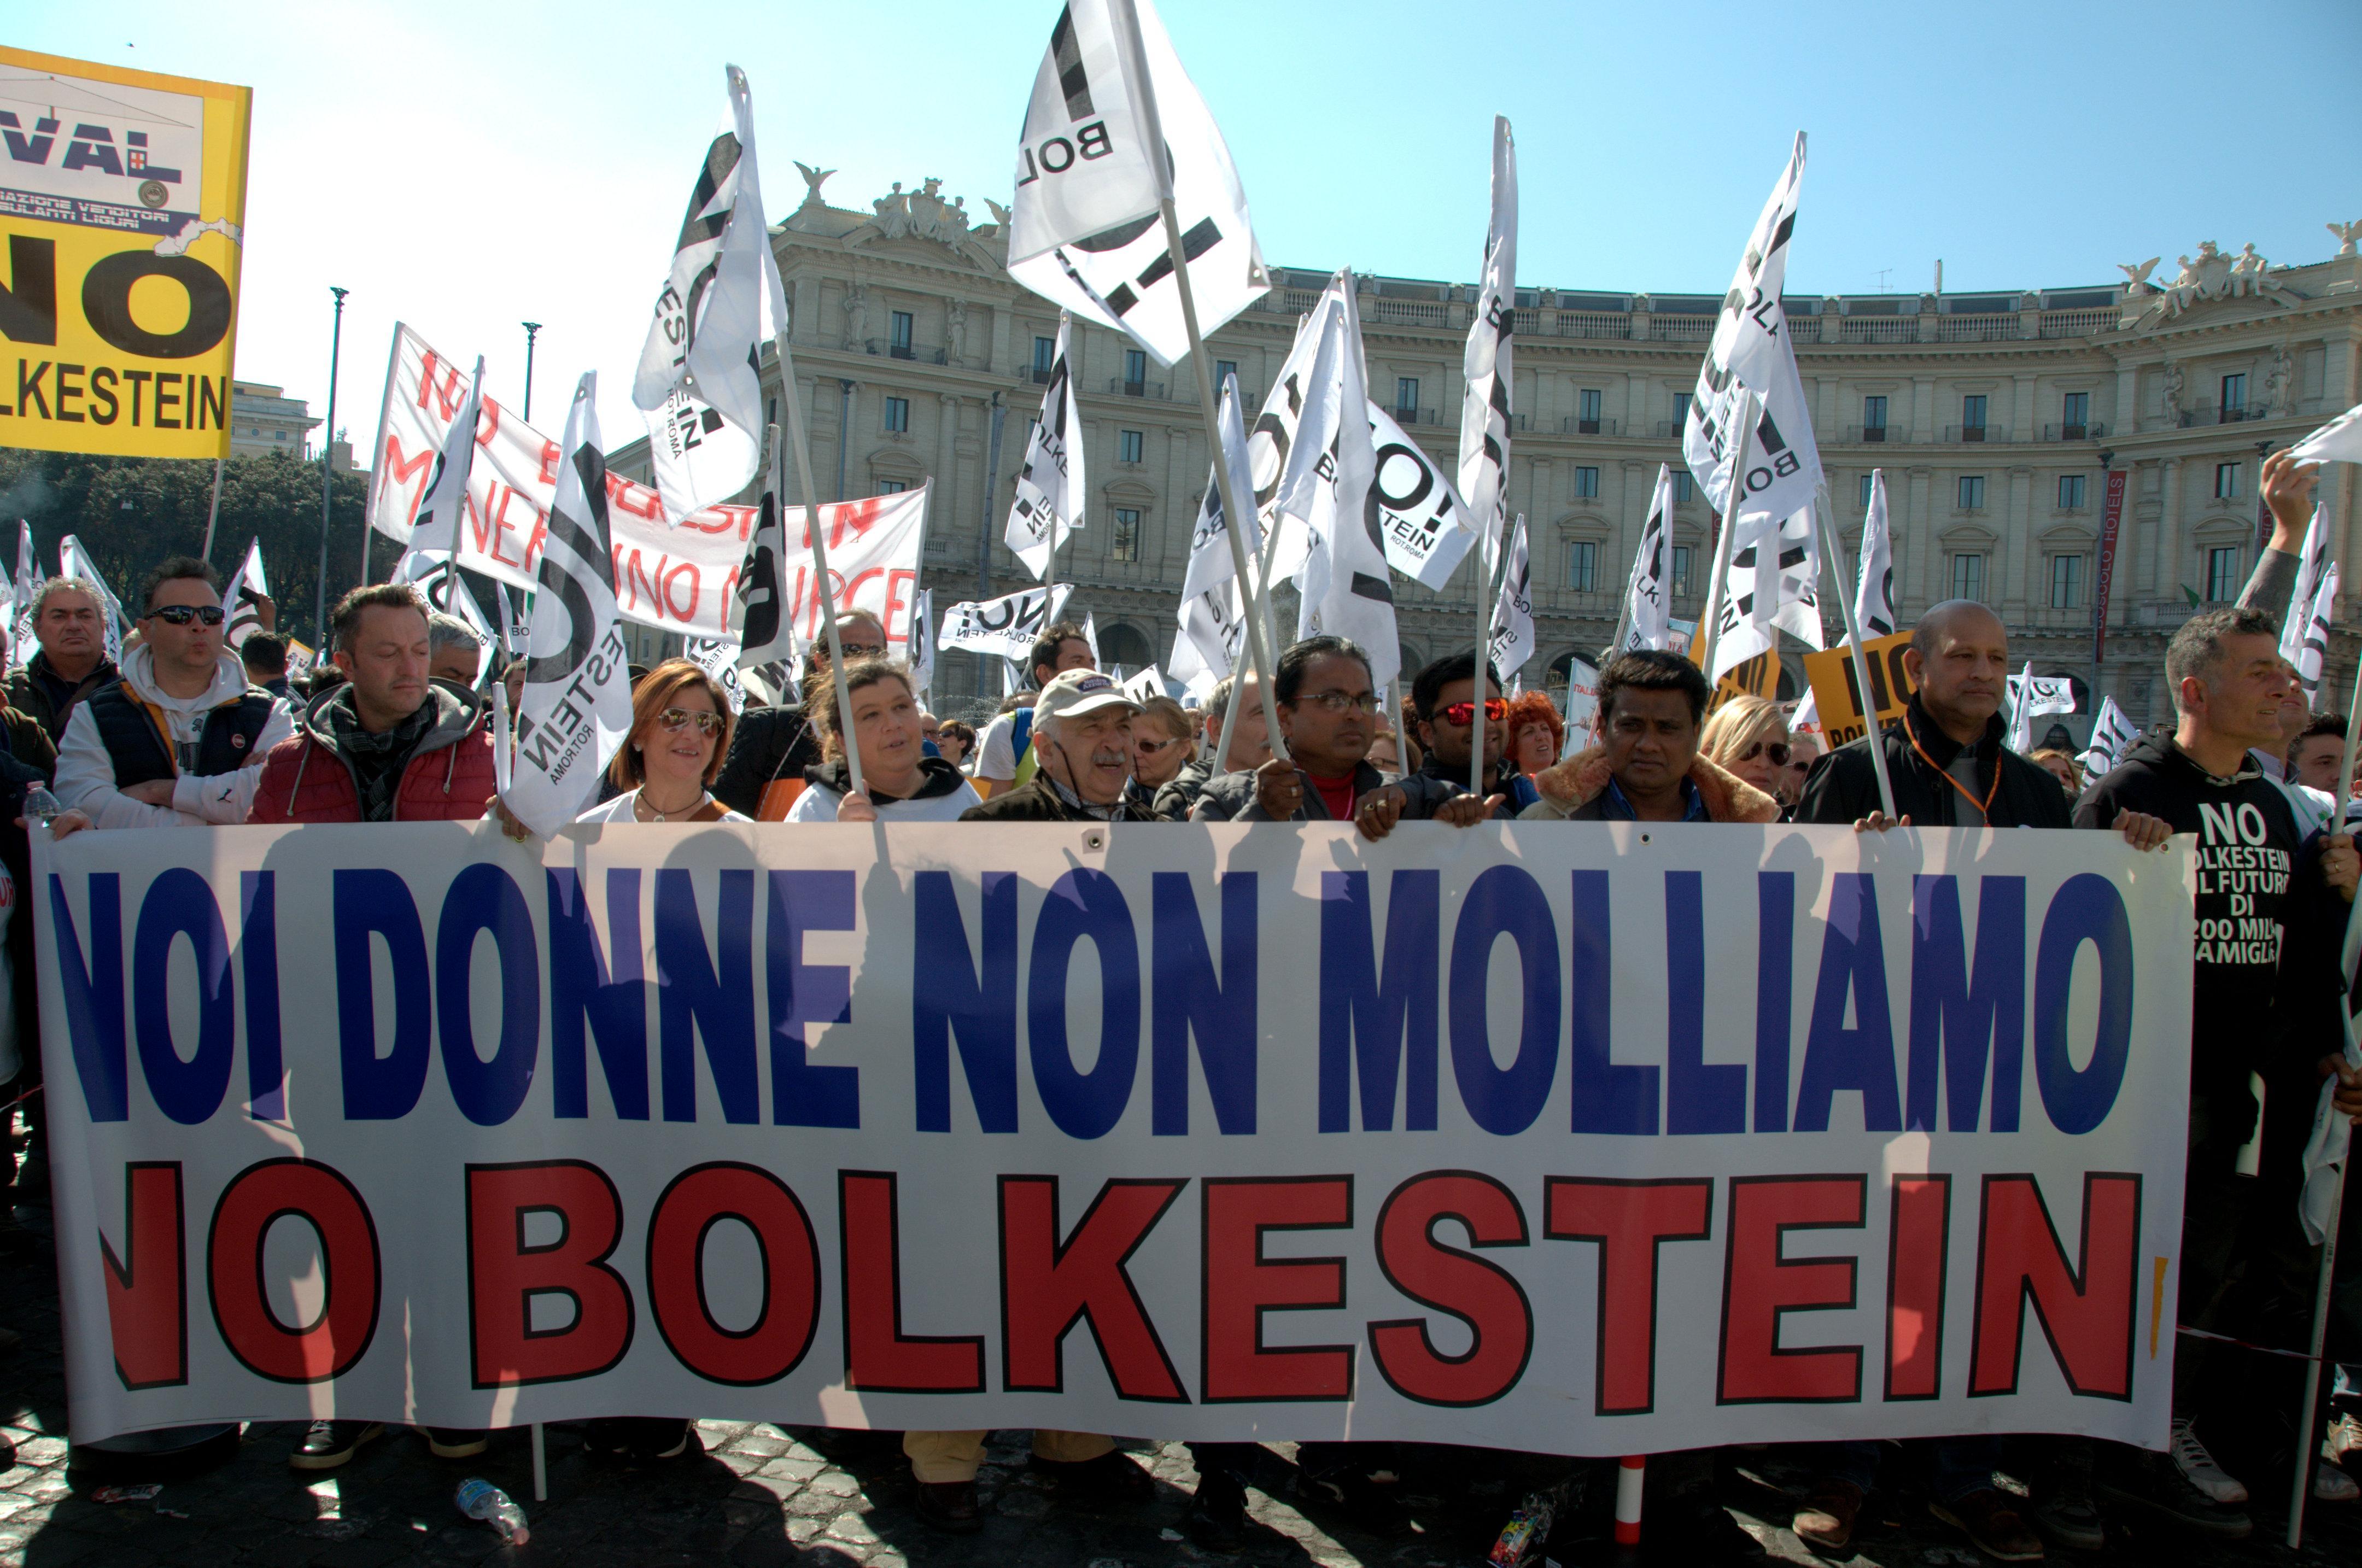 Bolkestein donne